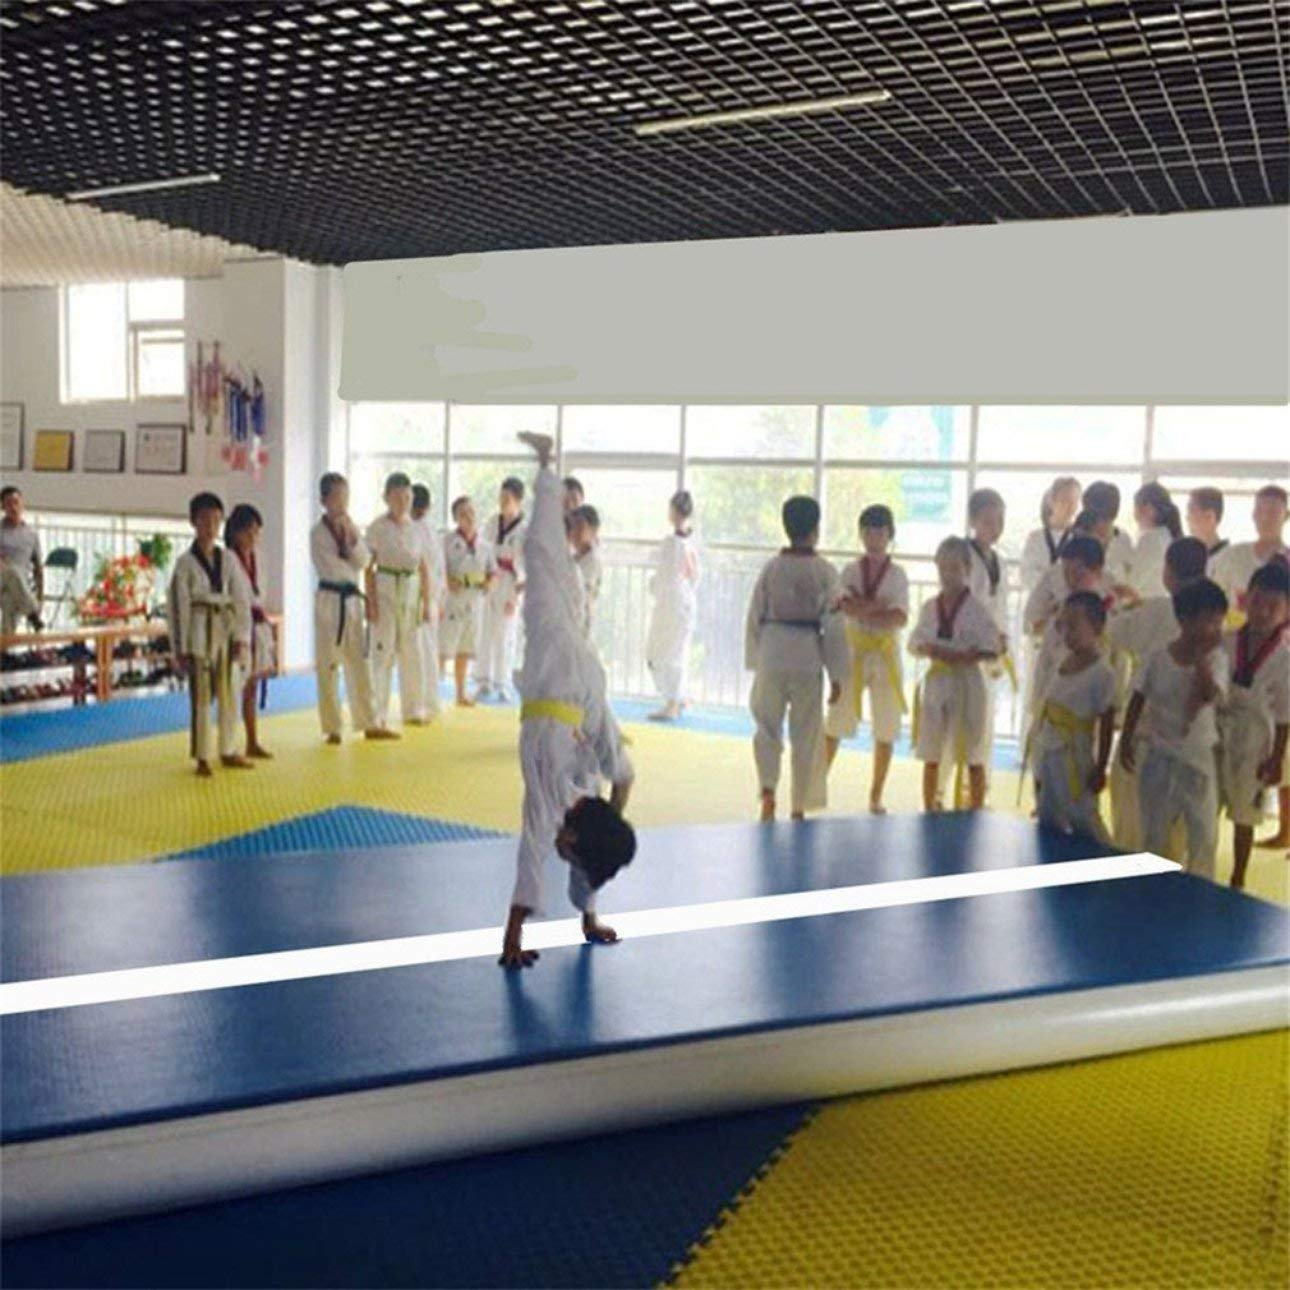 Ballylelly Taekwondo-Kissen-aufblasbare Matten-Gymnastik-Luftkissen für Das Trainieren der Eignung